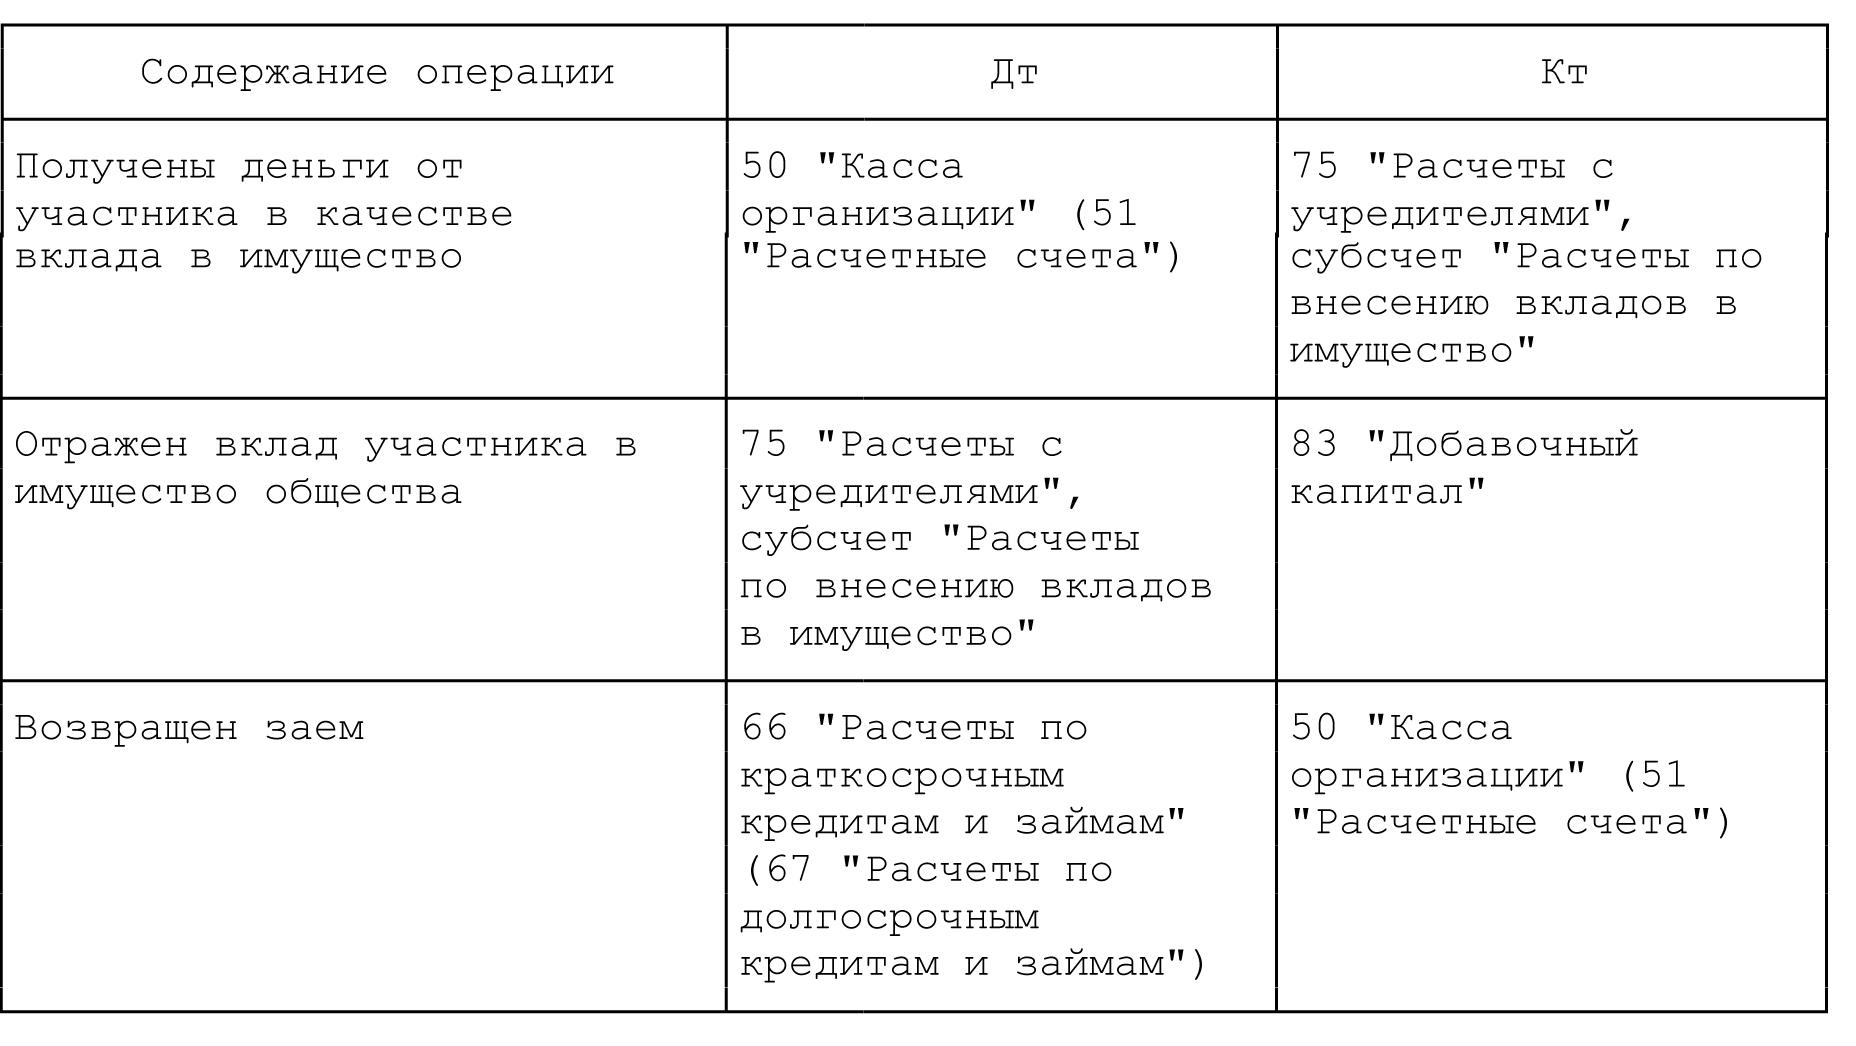 Увеличение ук за счет дополнительных вкладов третьих лиц 1 фотография